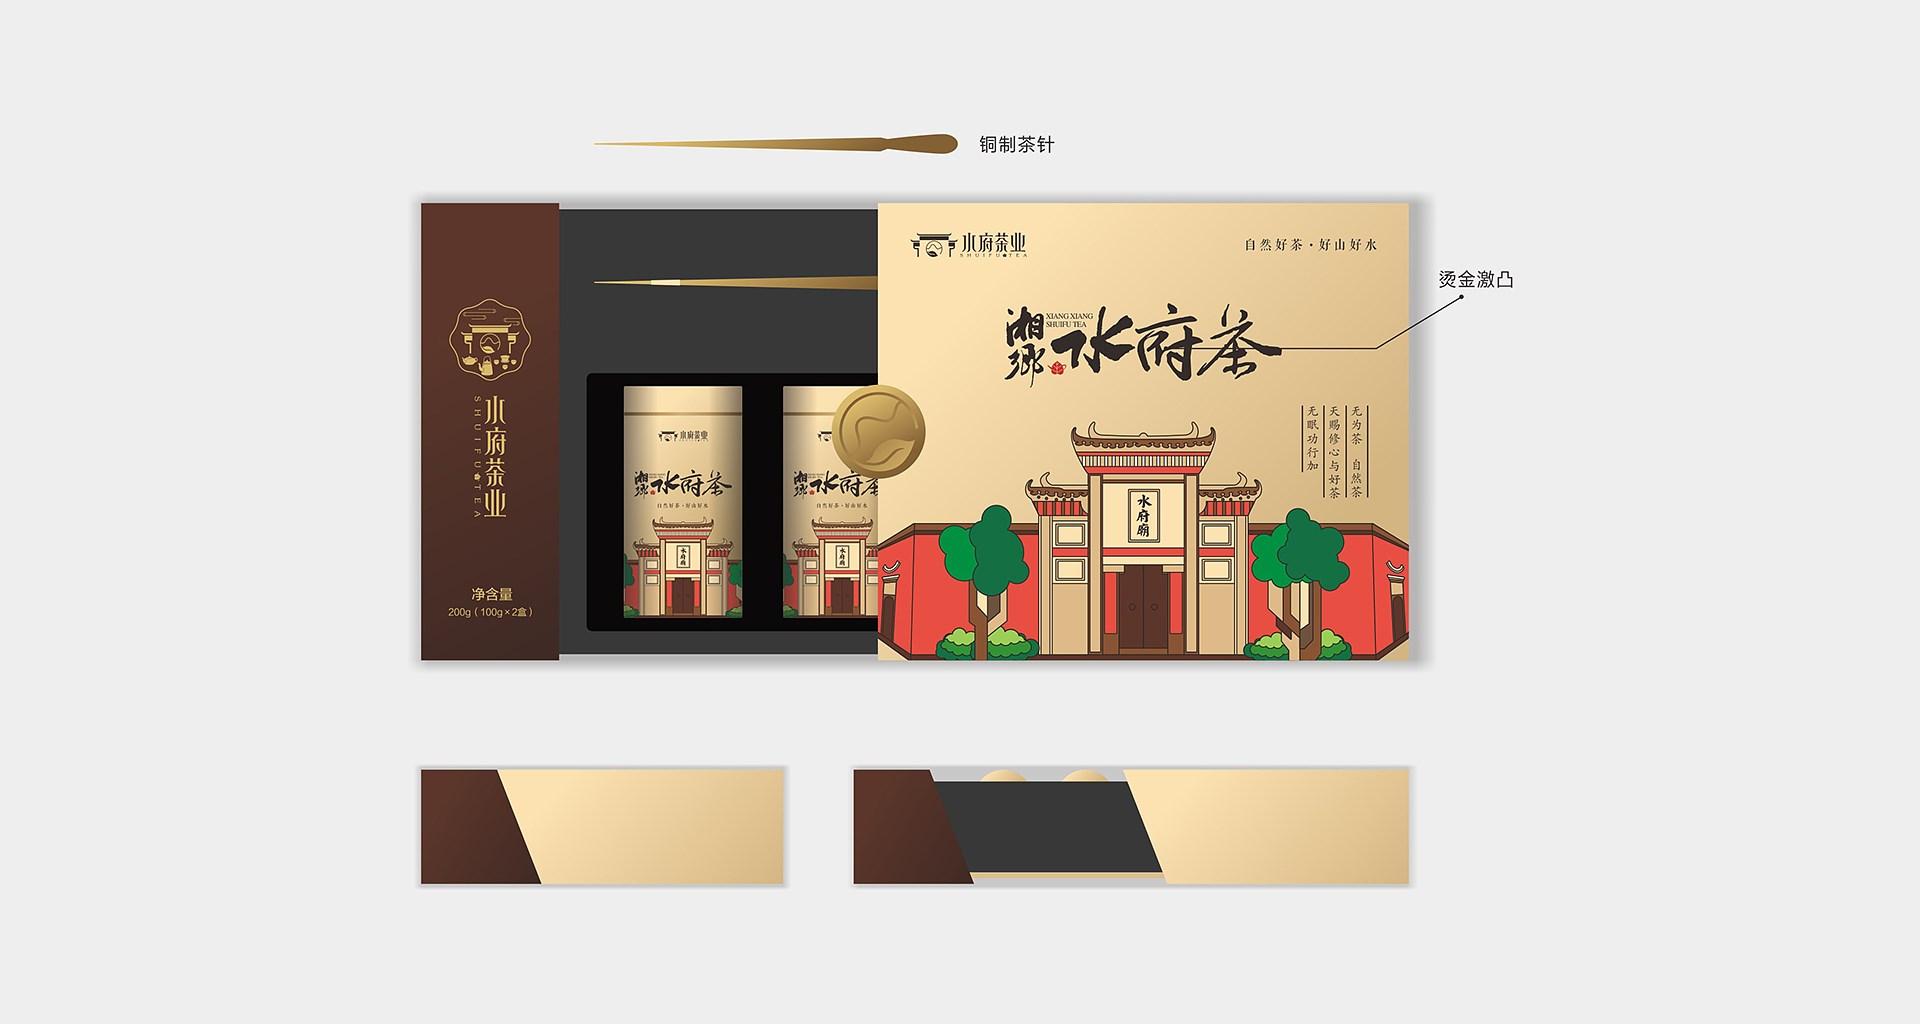 水府茶新万博竞彩app苹果下载万博manbetx手机版苹果下载_0015.JPG